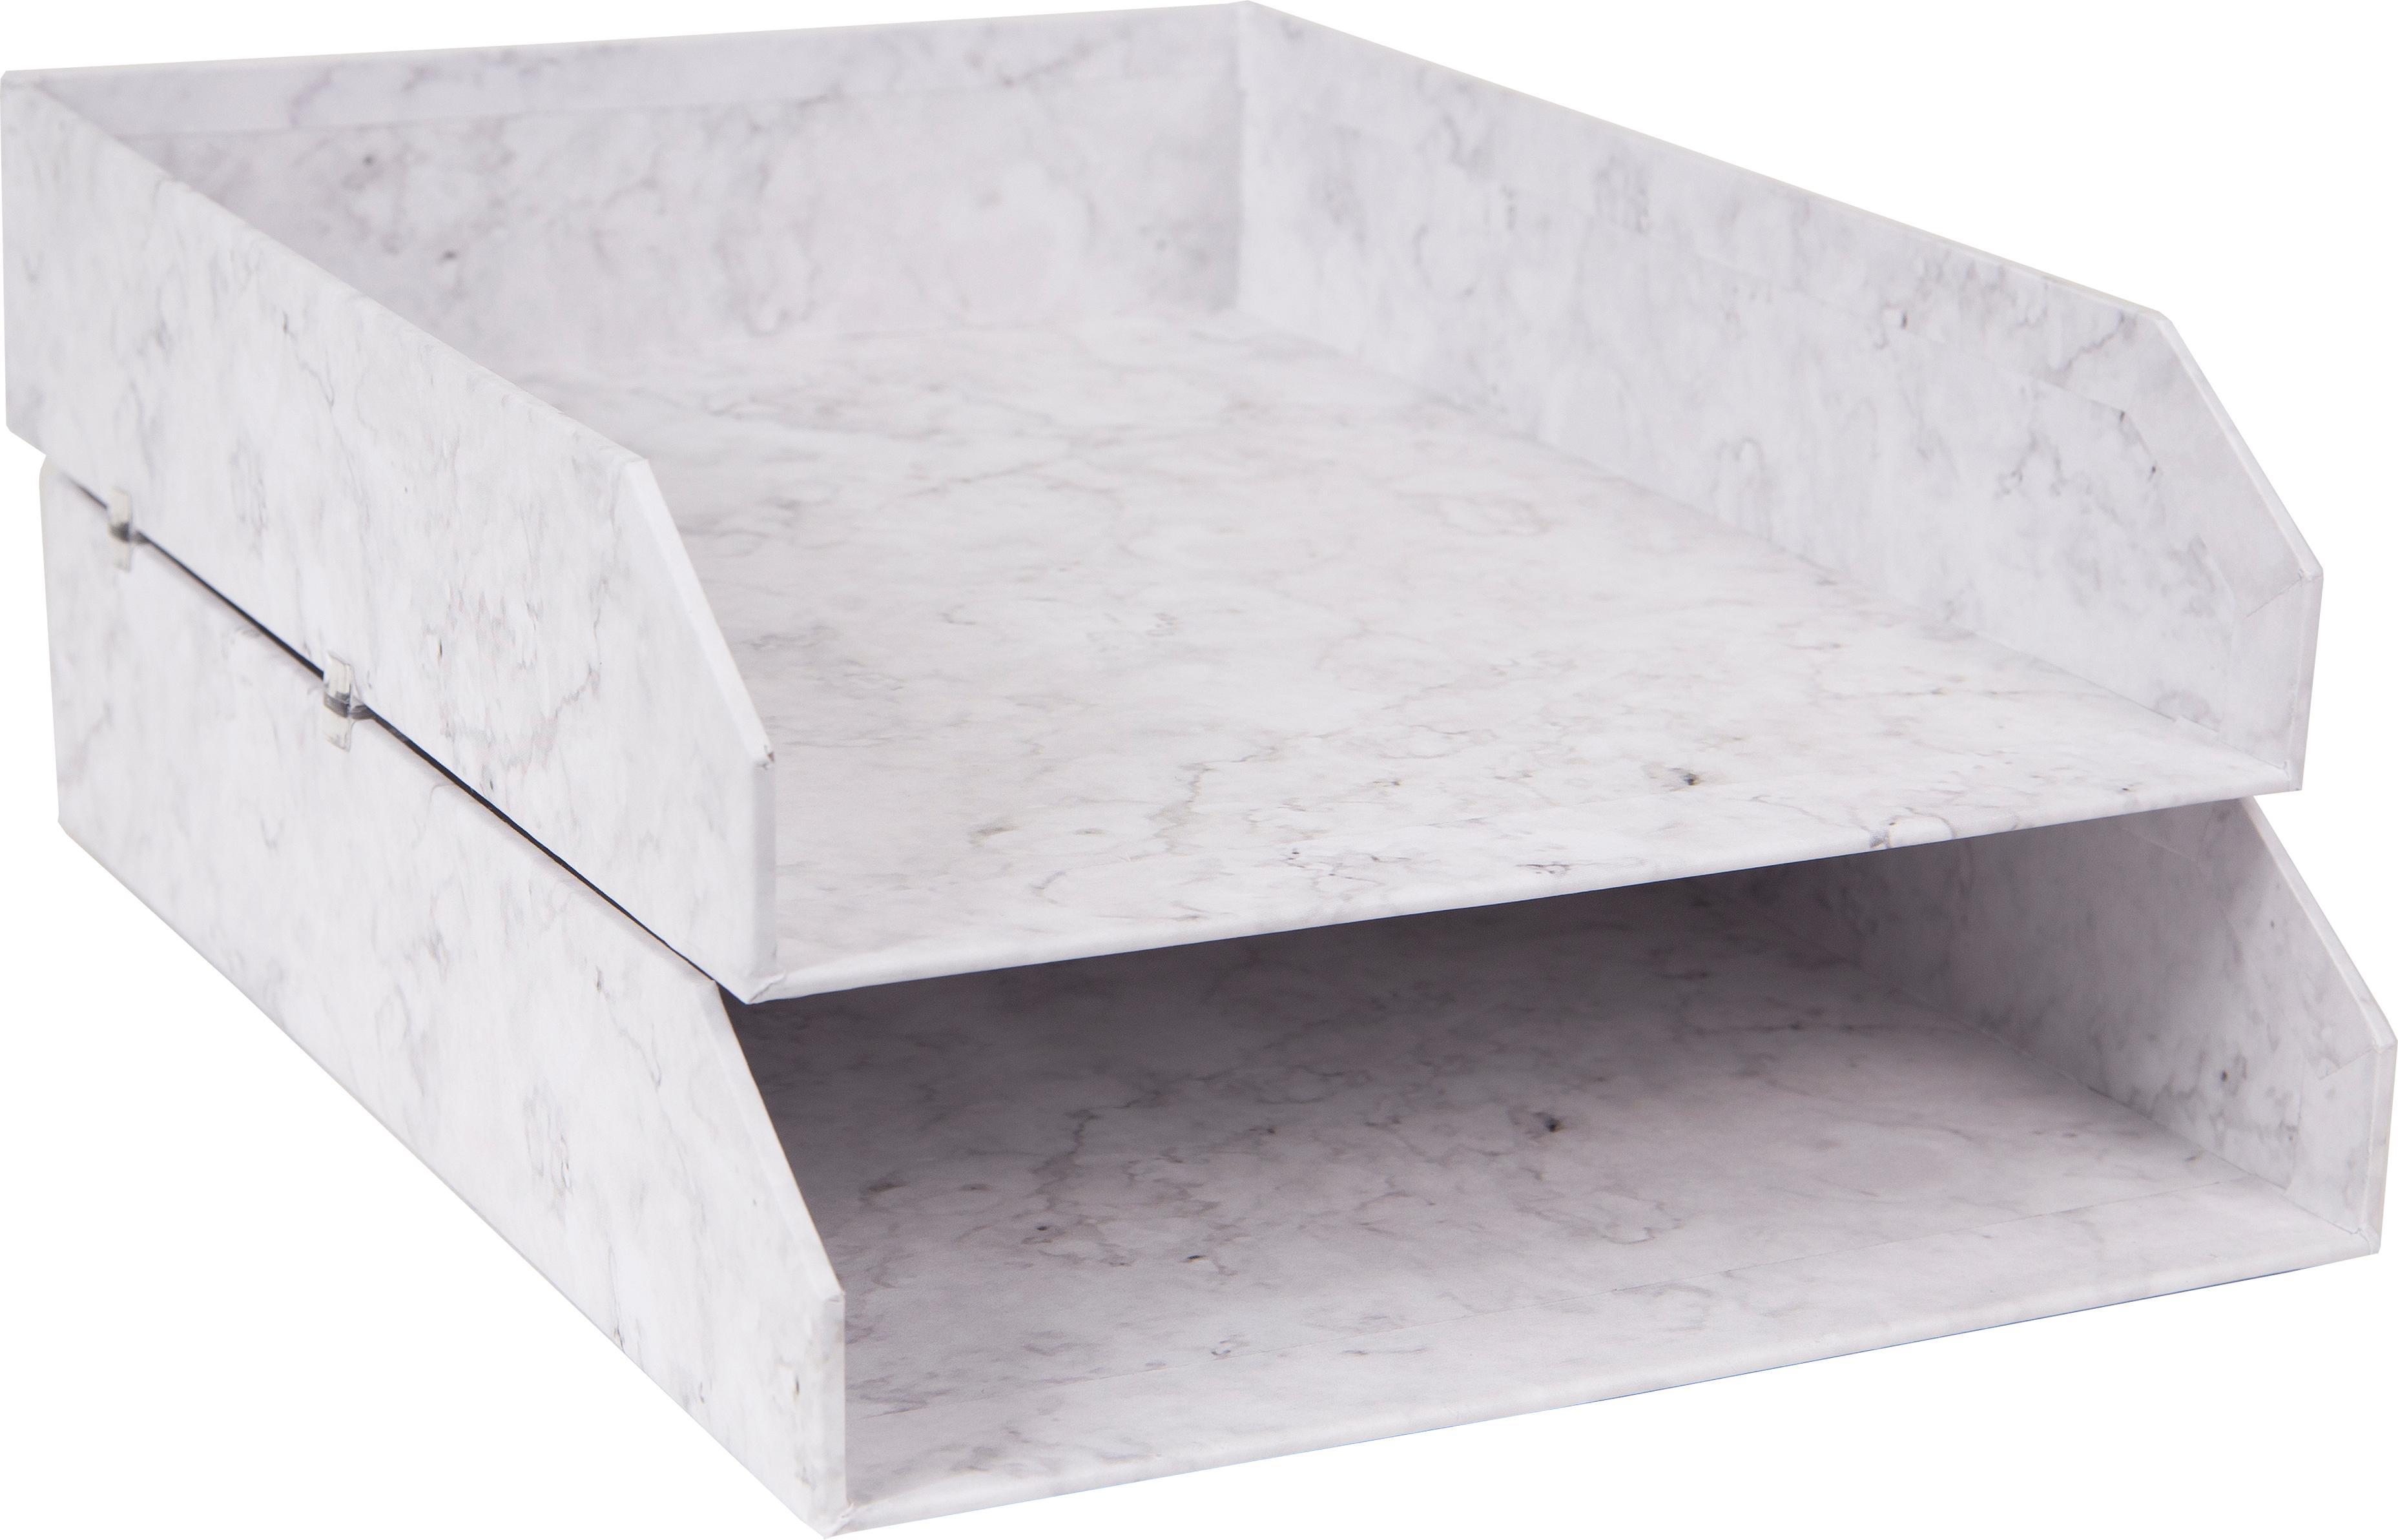 Dokumenten-Ablagen Hakan, 2 Stück, fester, laminierter Karton, Weiss, marmoriert, B 23 x T 31 cm